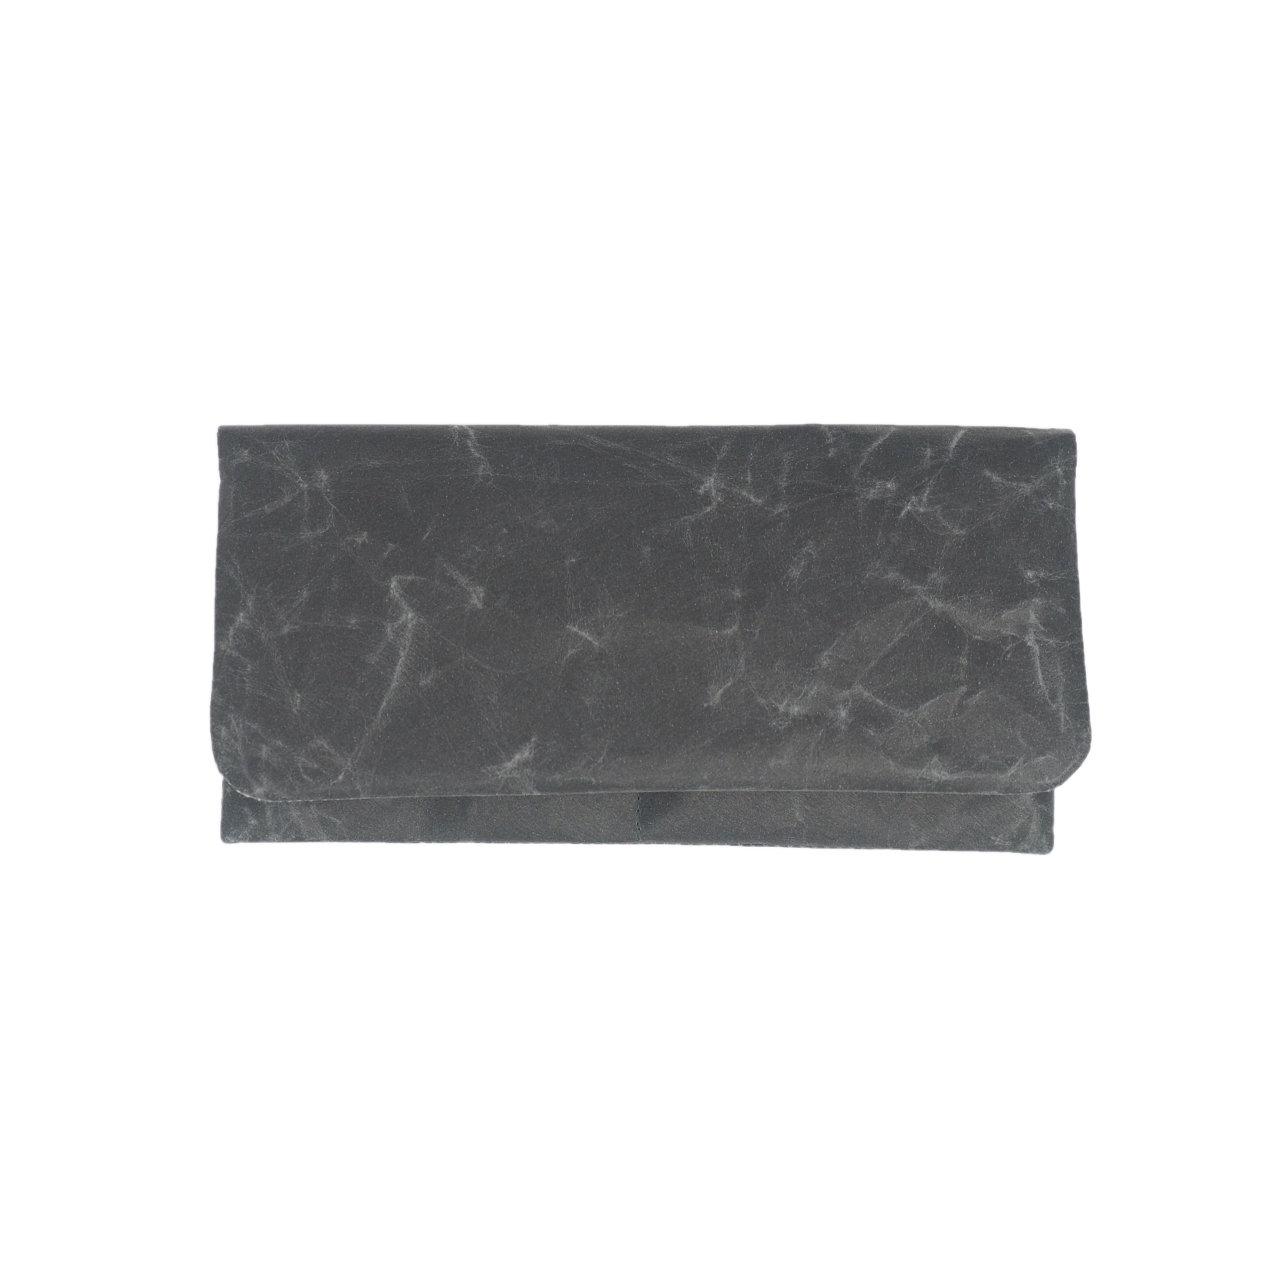 サムネイル:長財布 ブラック